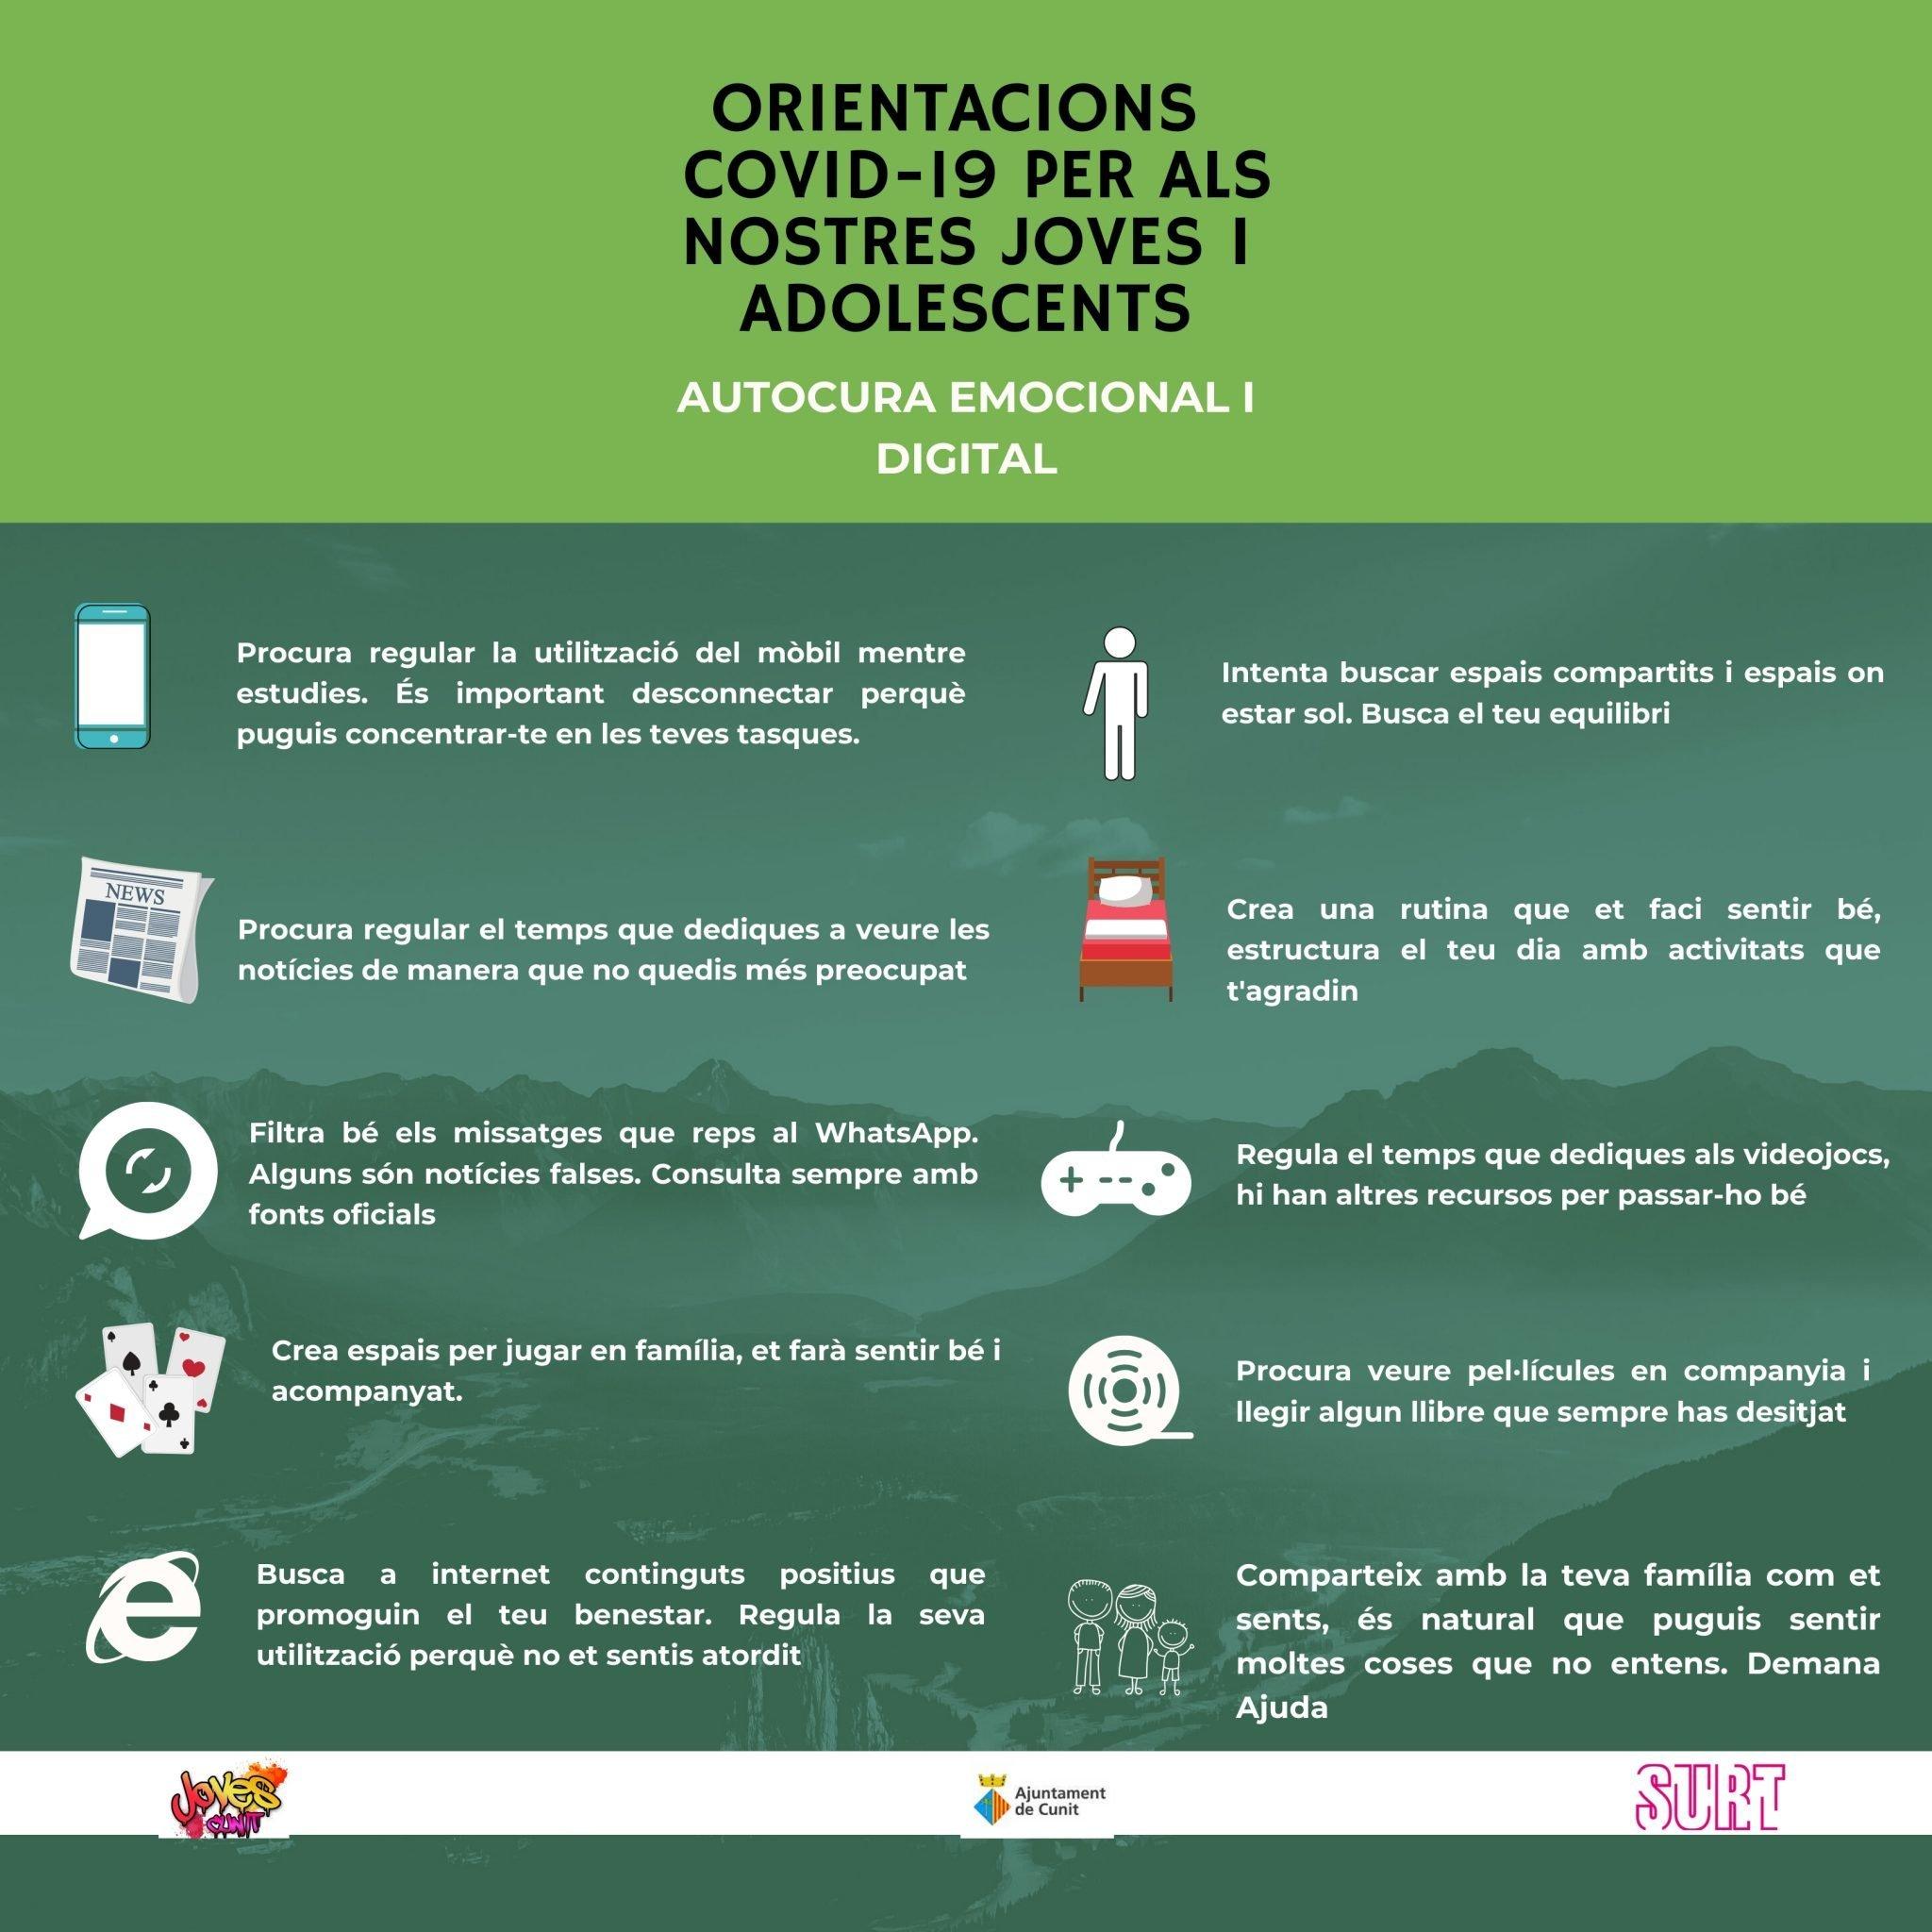 Orientacions COVID-19 per als nostres joves i adolescents